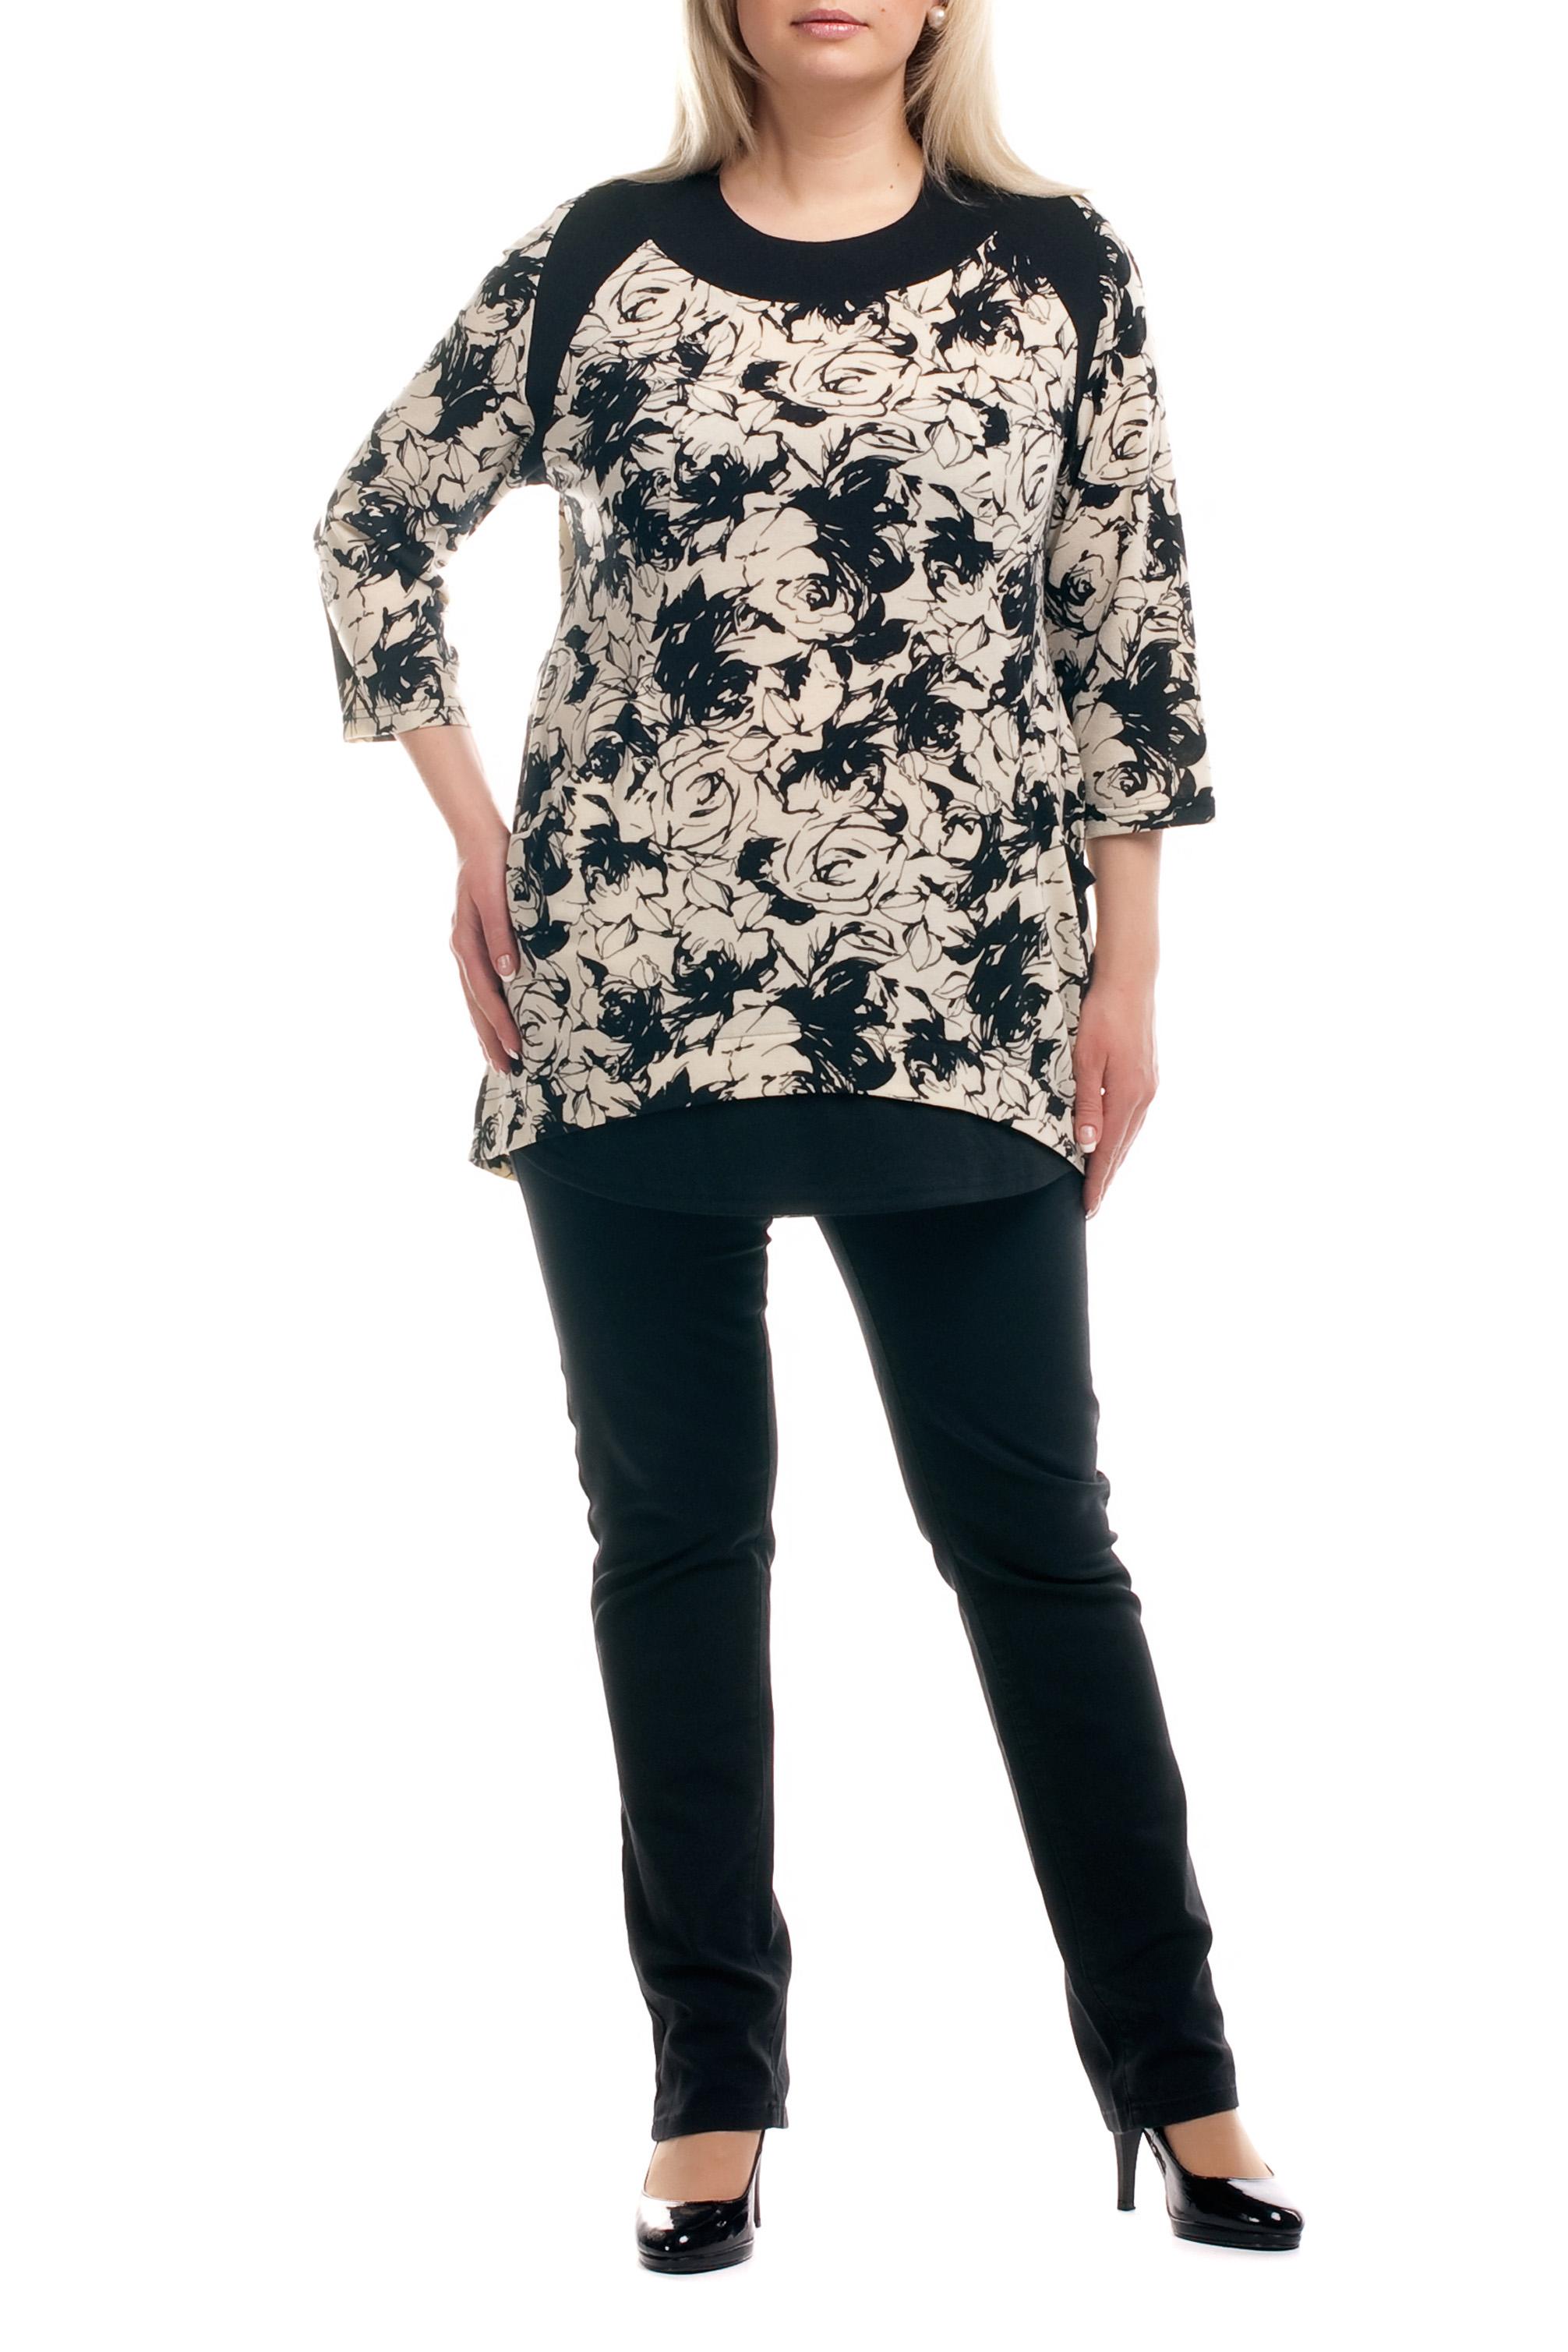 ТуникаТуники<br>Удлиненная женская туника с фигурной горловиной и рукавами 3/4. Модель выполнена из плотного трикотажа. Отличный выбор для повседневного гардероба.  Цвет: бежевый, черный  Рост девушки-фотомодели 173 см.<br><br>Горловина: С- горловина<br>По материалу: Вискоза,Трикотаж<br>По рисунку: Абстракция,Цветные<br>По сезону: Весна,Осень<br>По силуэту: Прямые<br>По стилю: Повседневный стиль<br>По элементам: С декором,С карманами<br>Рукав: Рукав три четверти<br>Размер : 52,54,56,64,66<br>Материал: Трикотаж<br>Количество в наличии: 15